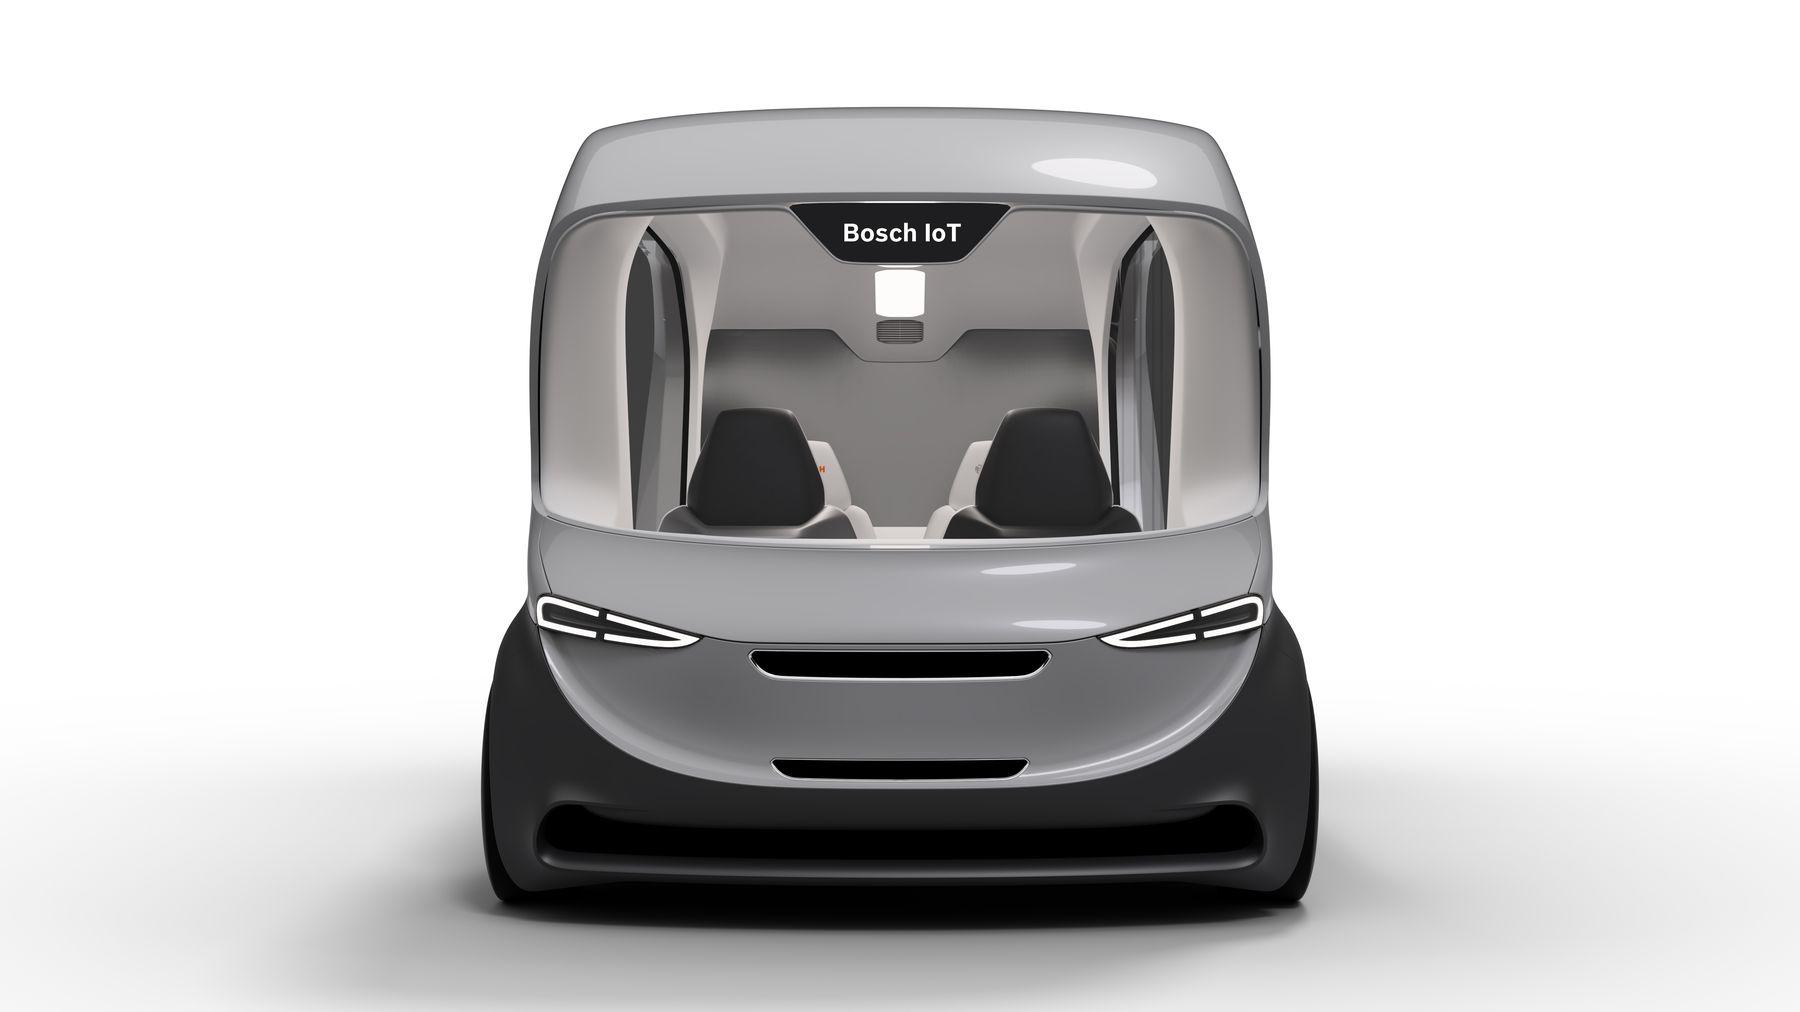 Bosch_Shuttle_AutoRok_2019_12